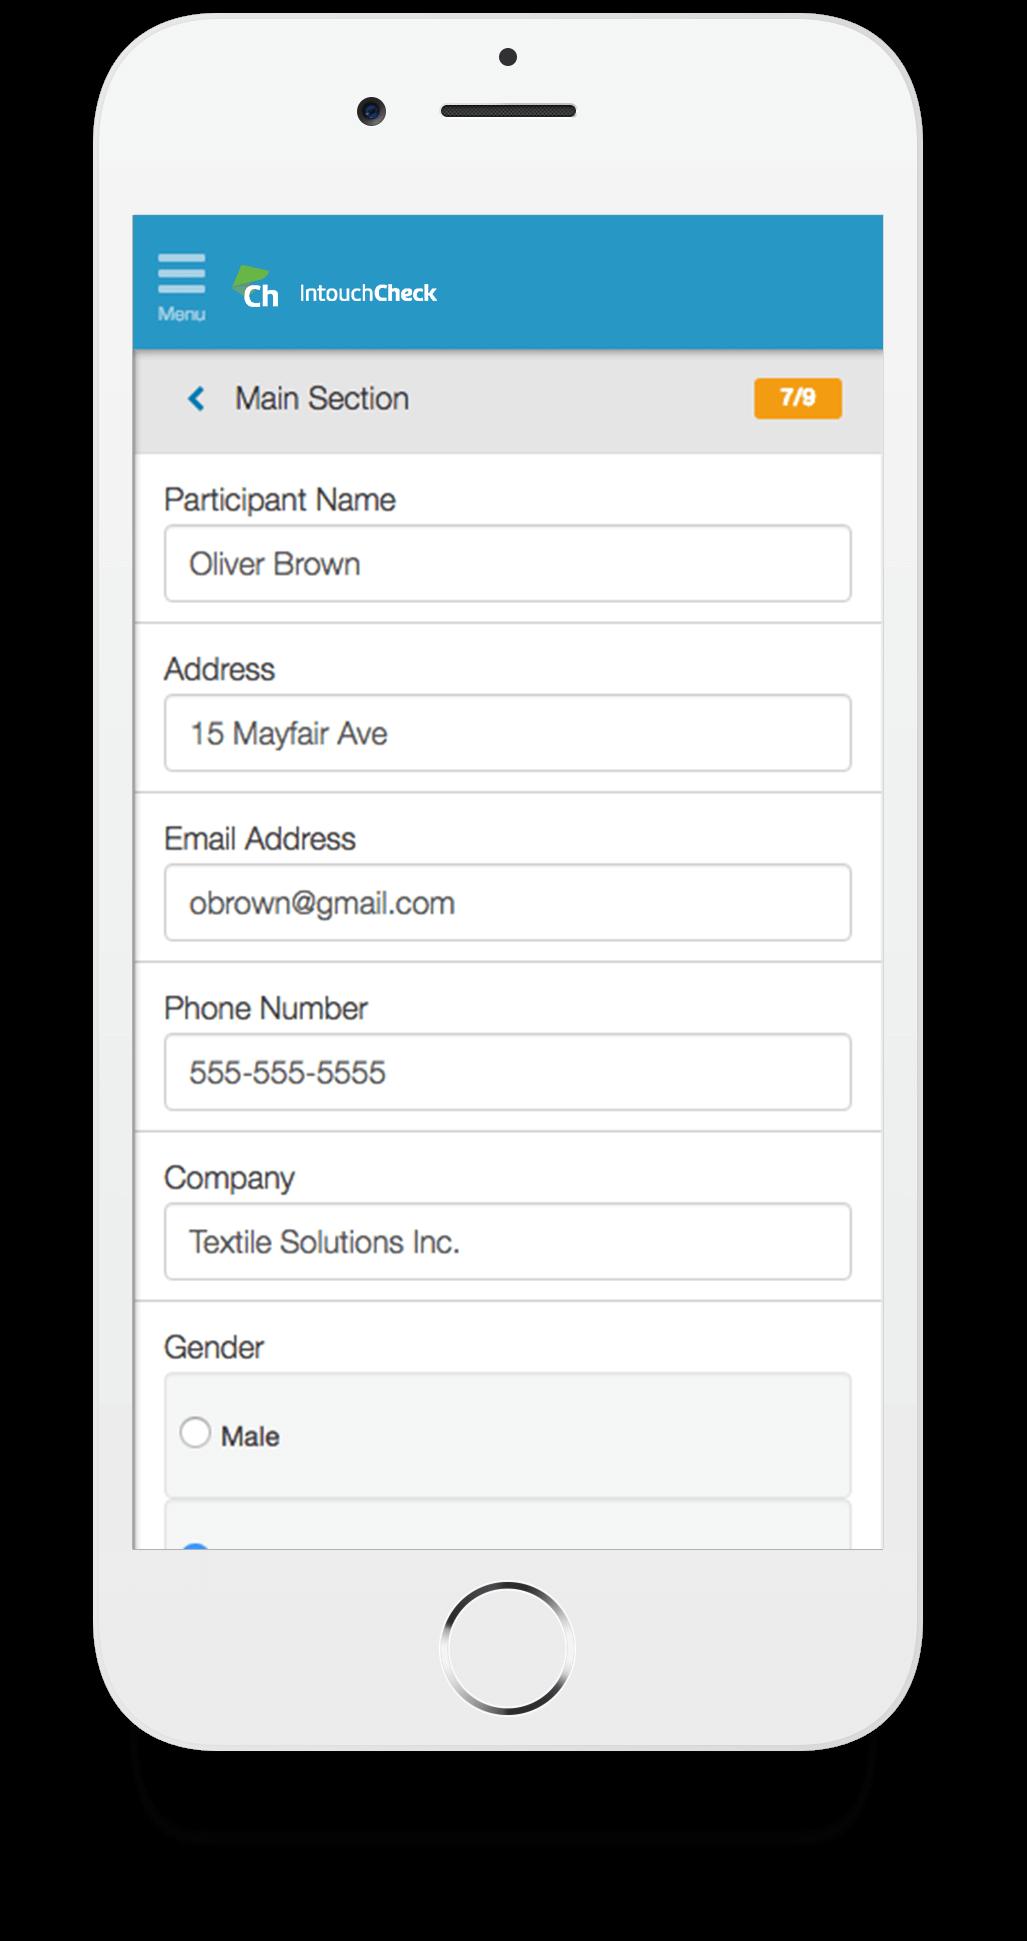 event-registration-form.png